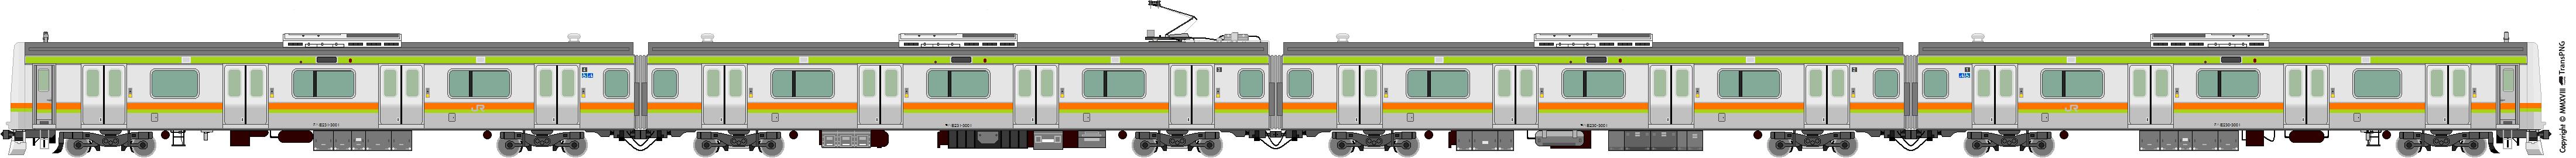 [5439] 東日本旅客鉄道 5439